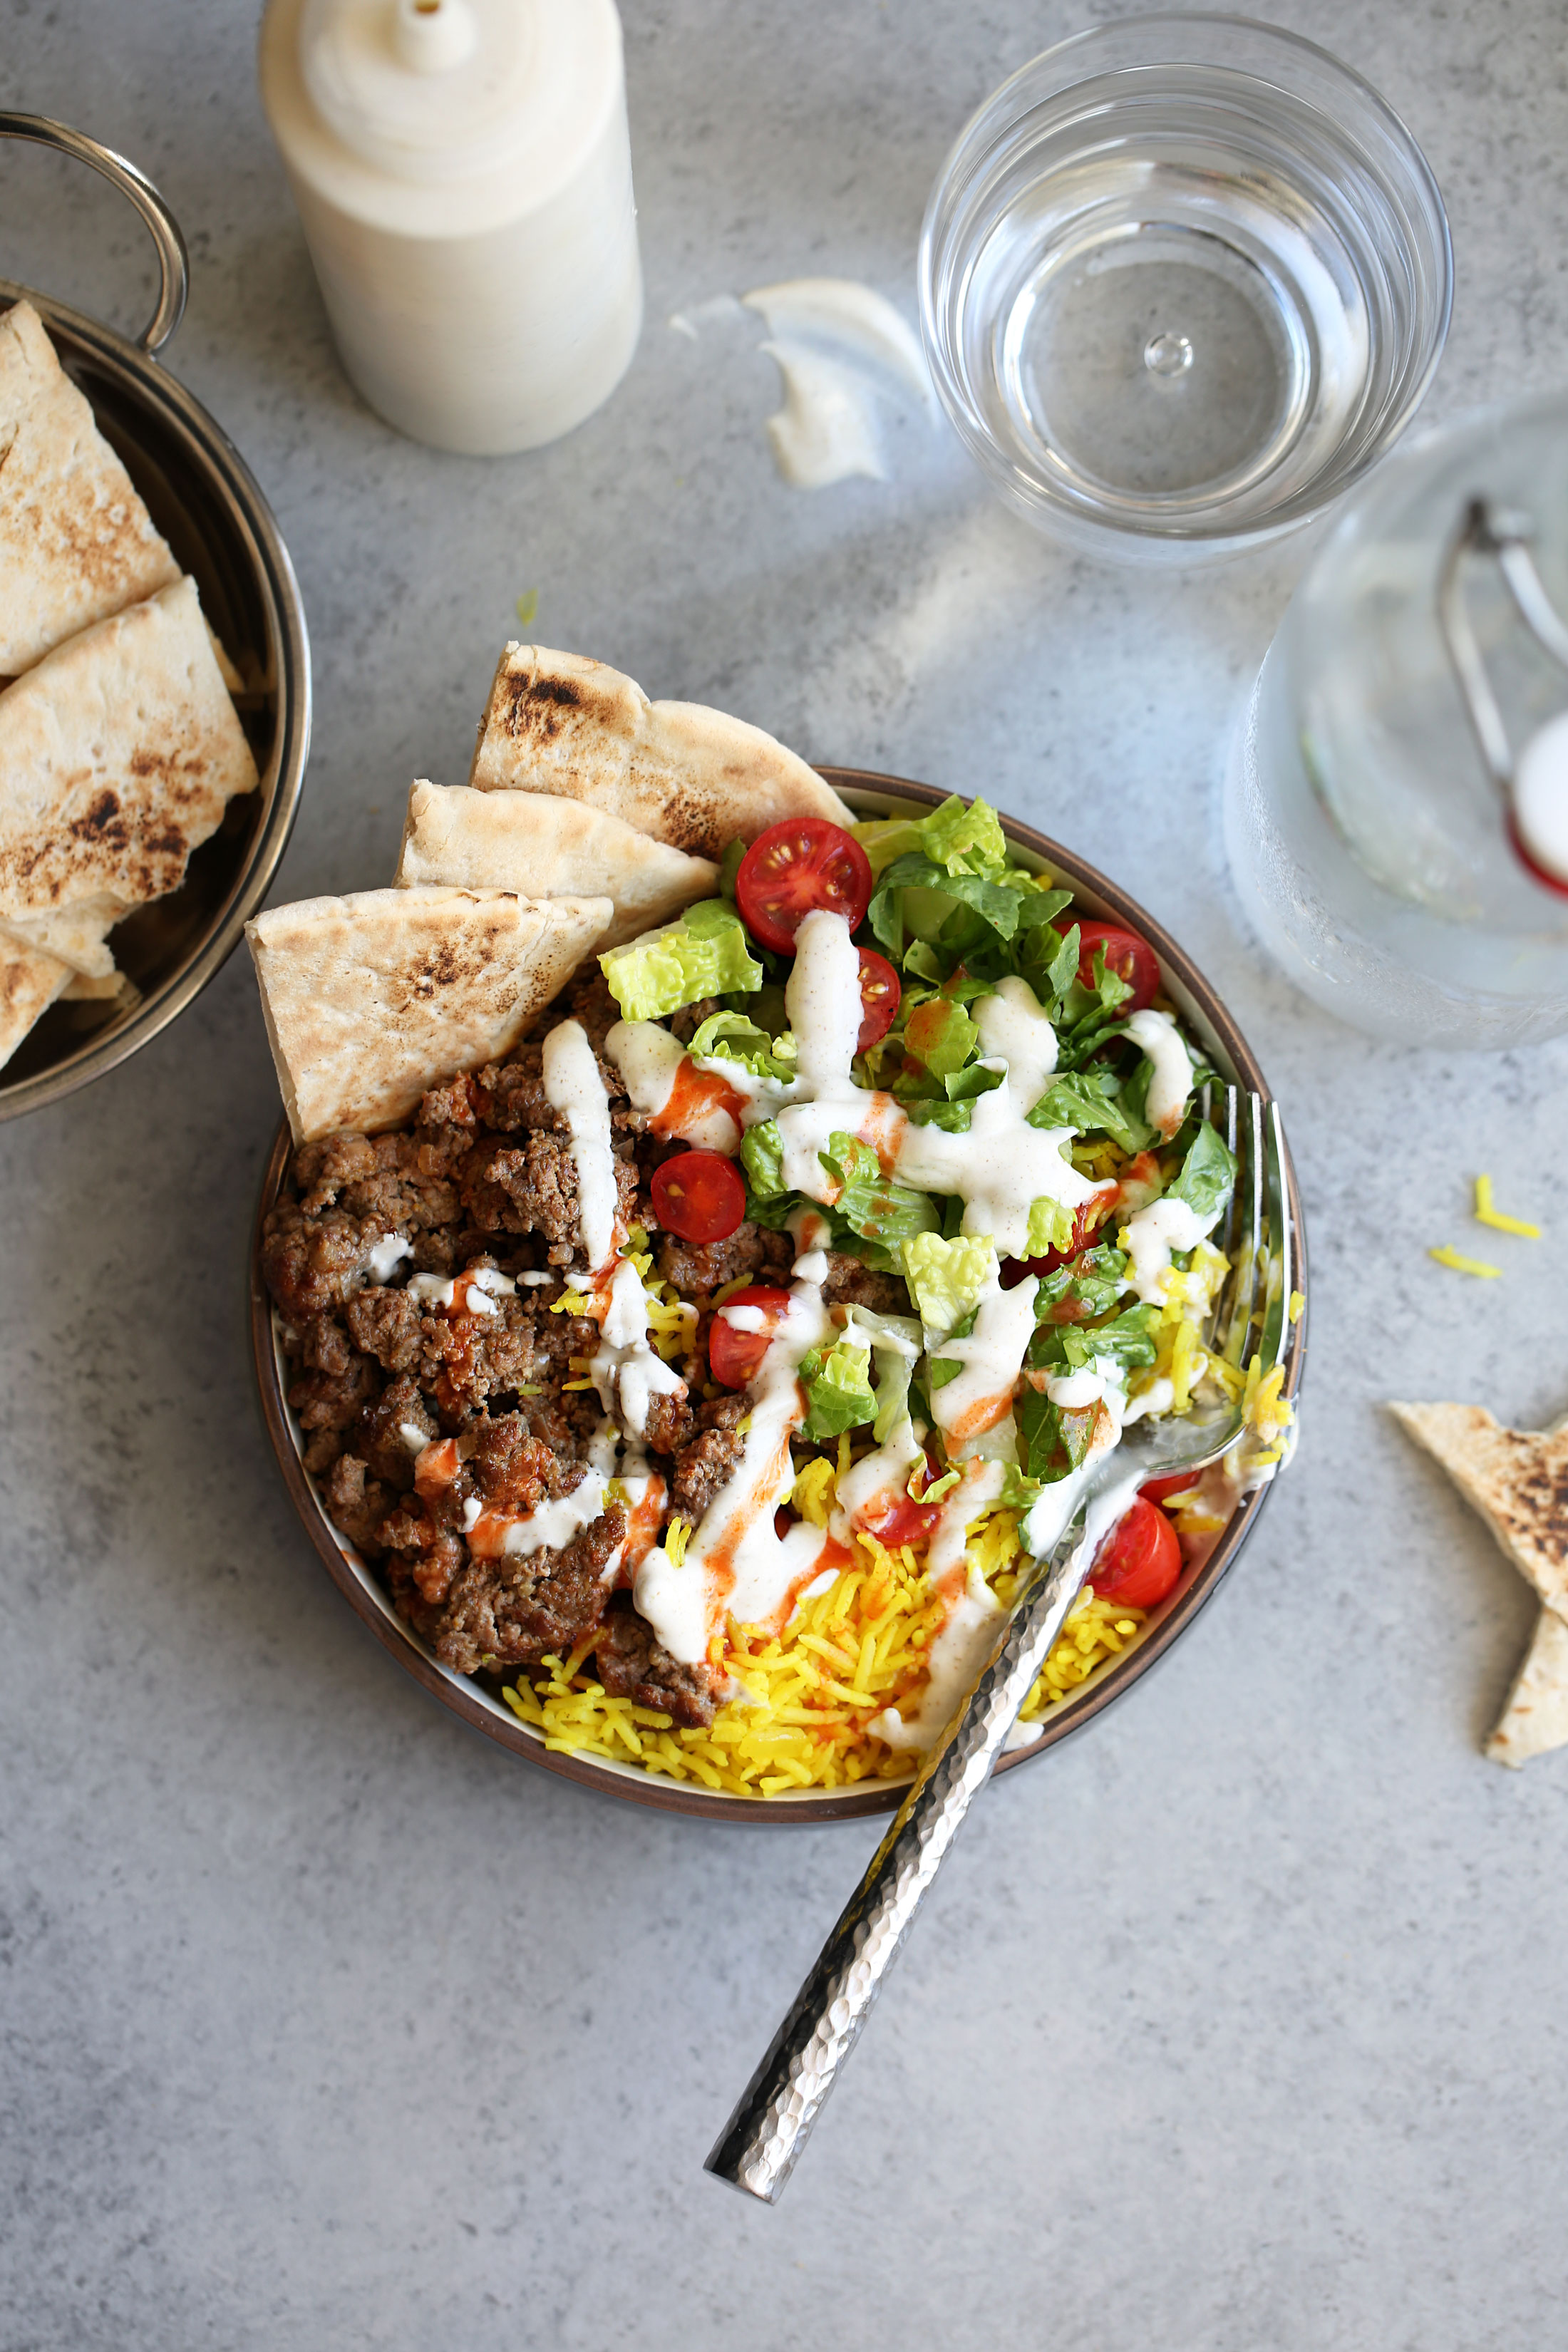 nyc food truck halal lamb platter